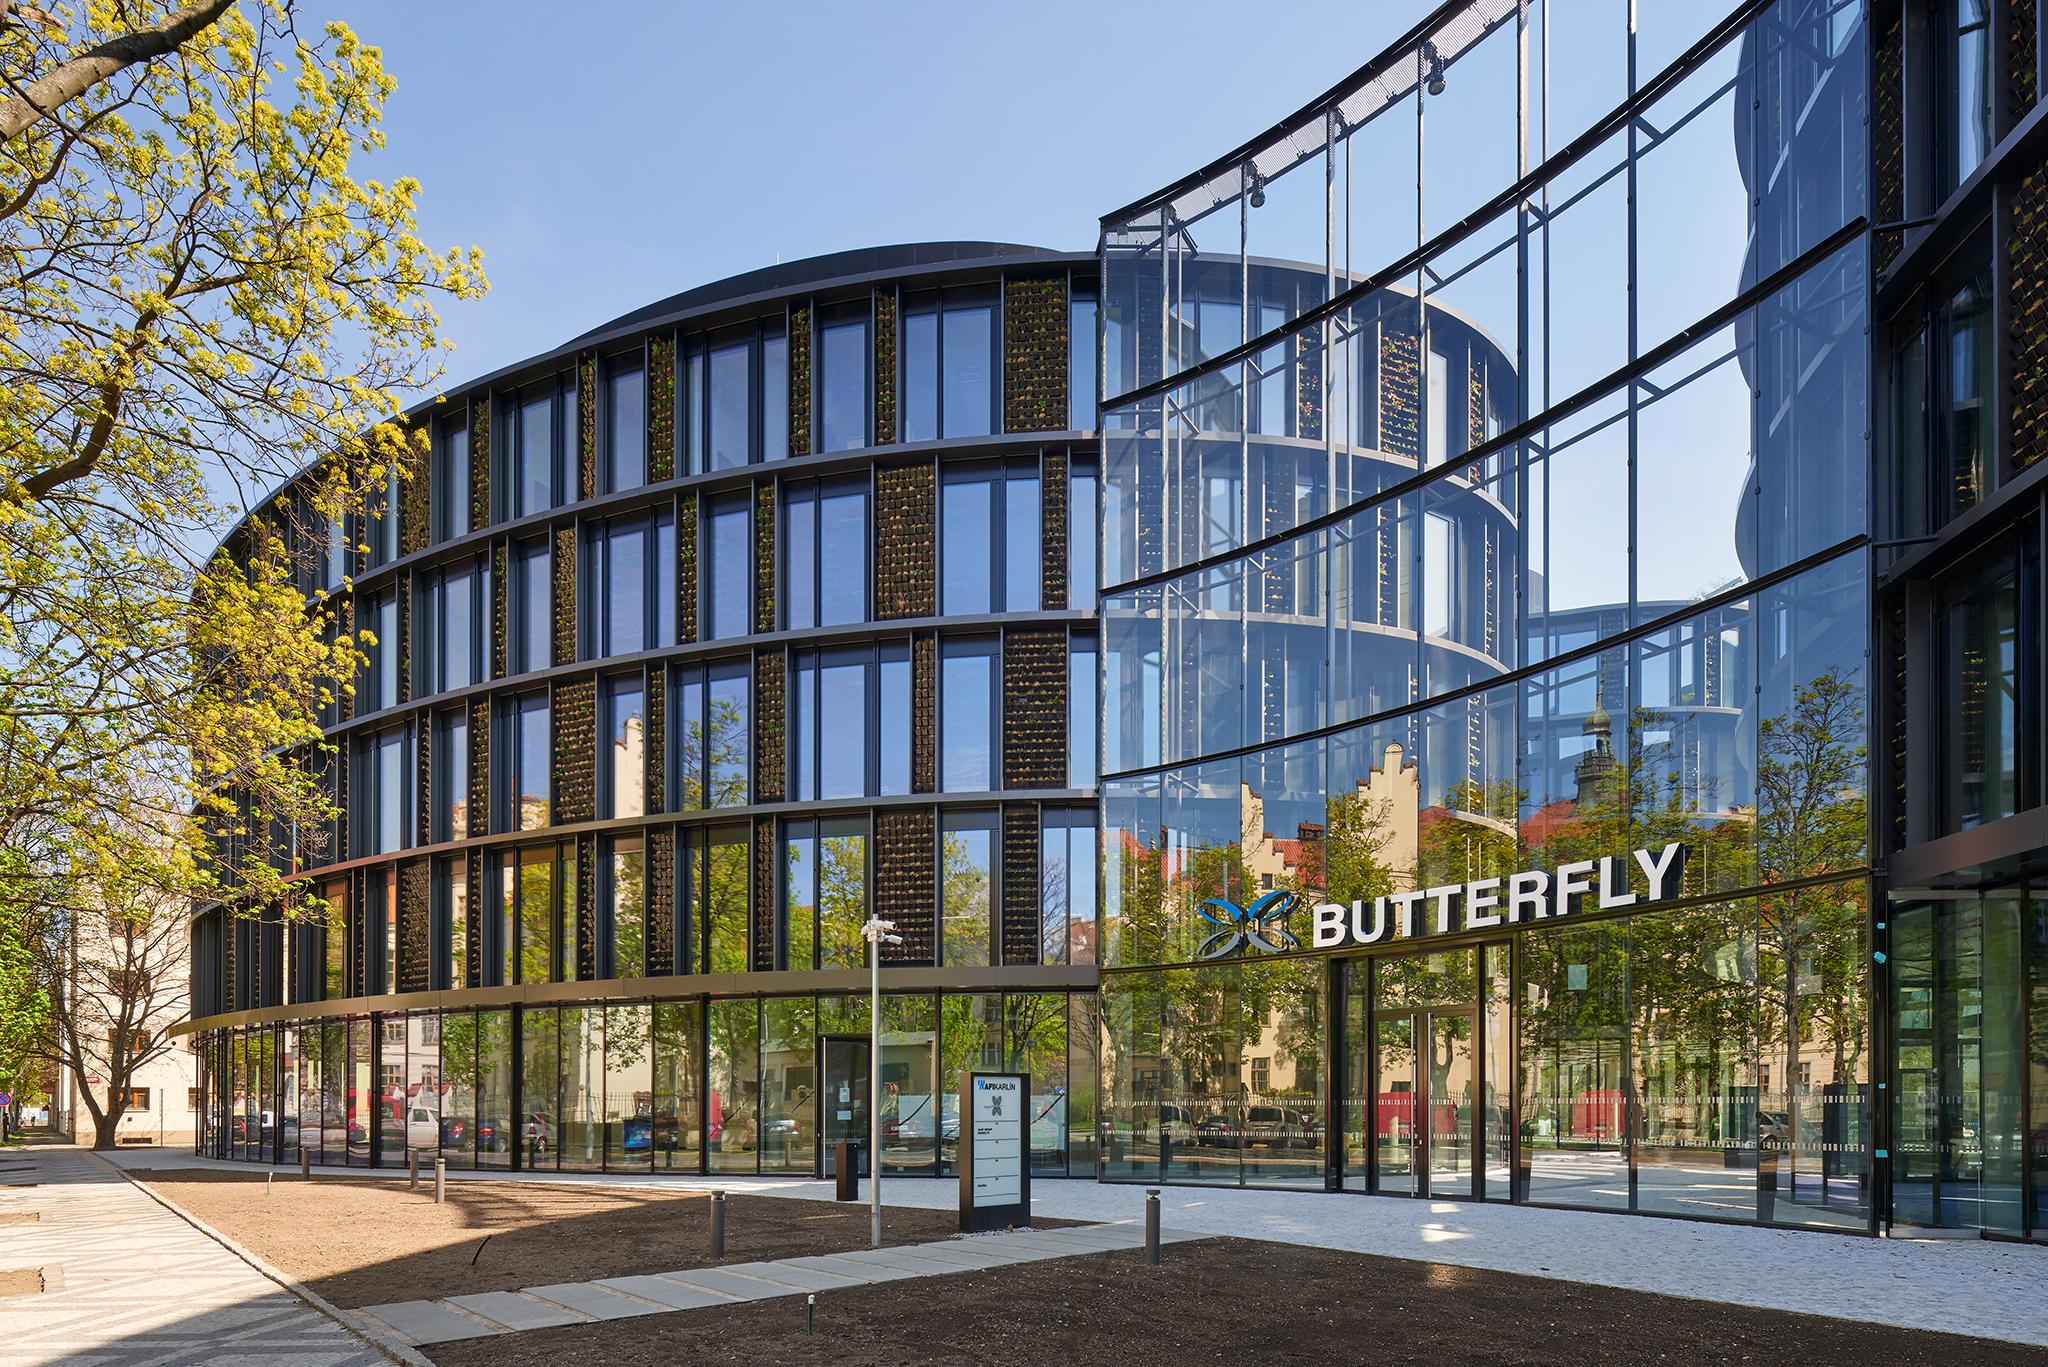 AFFI Butterfly